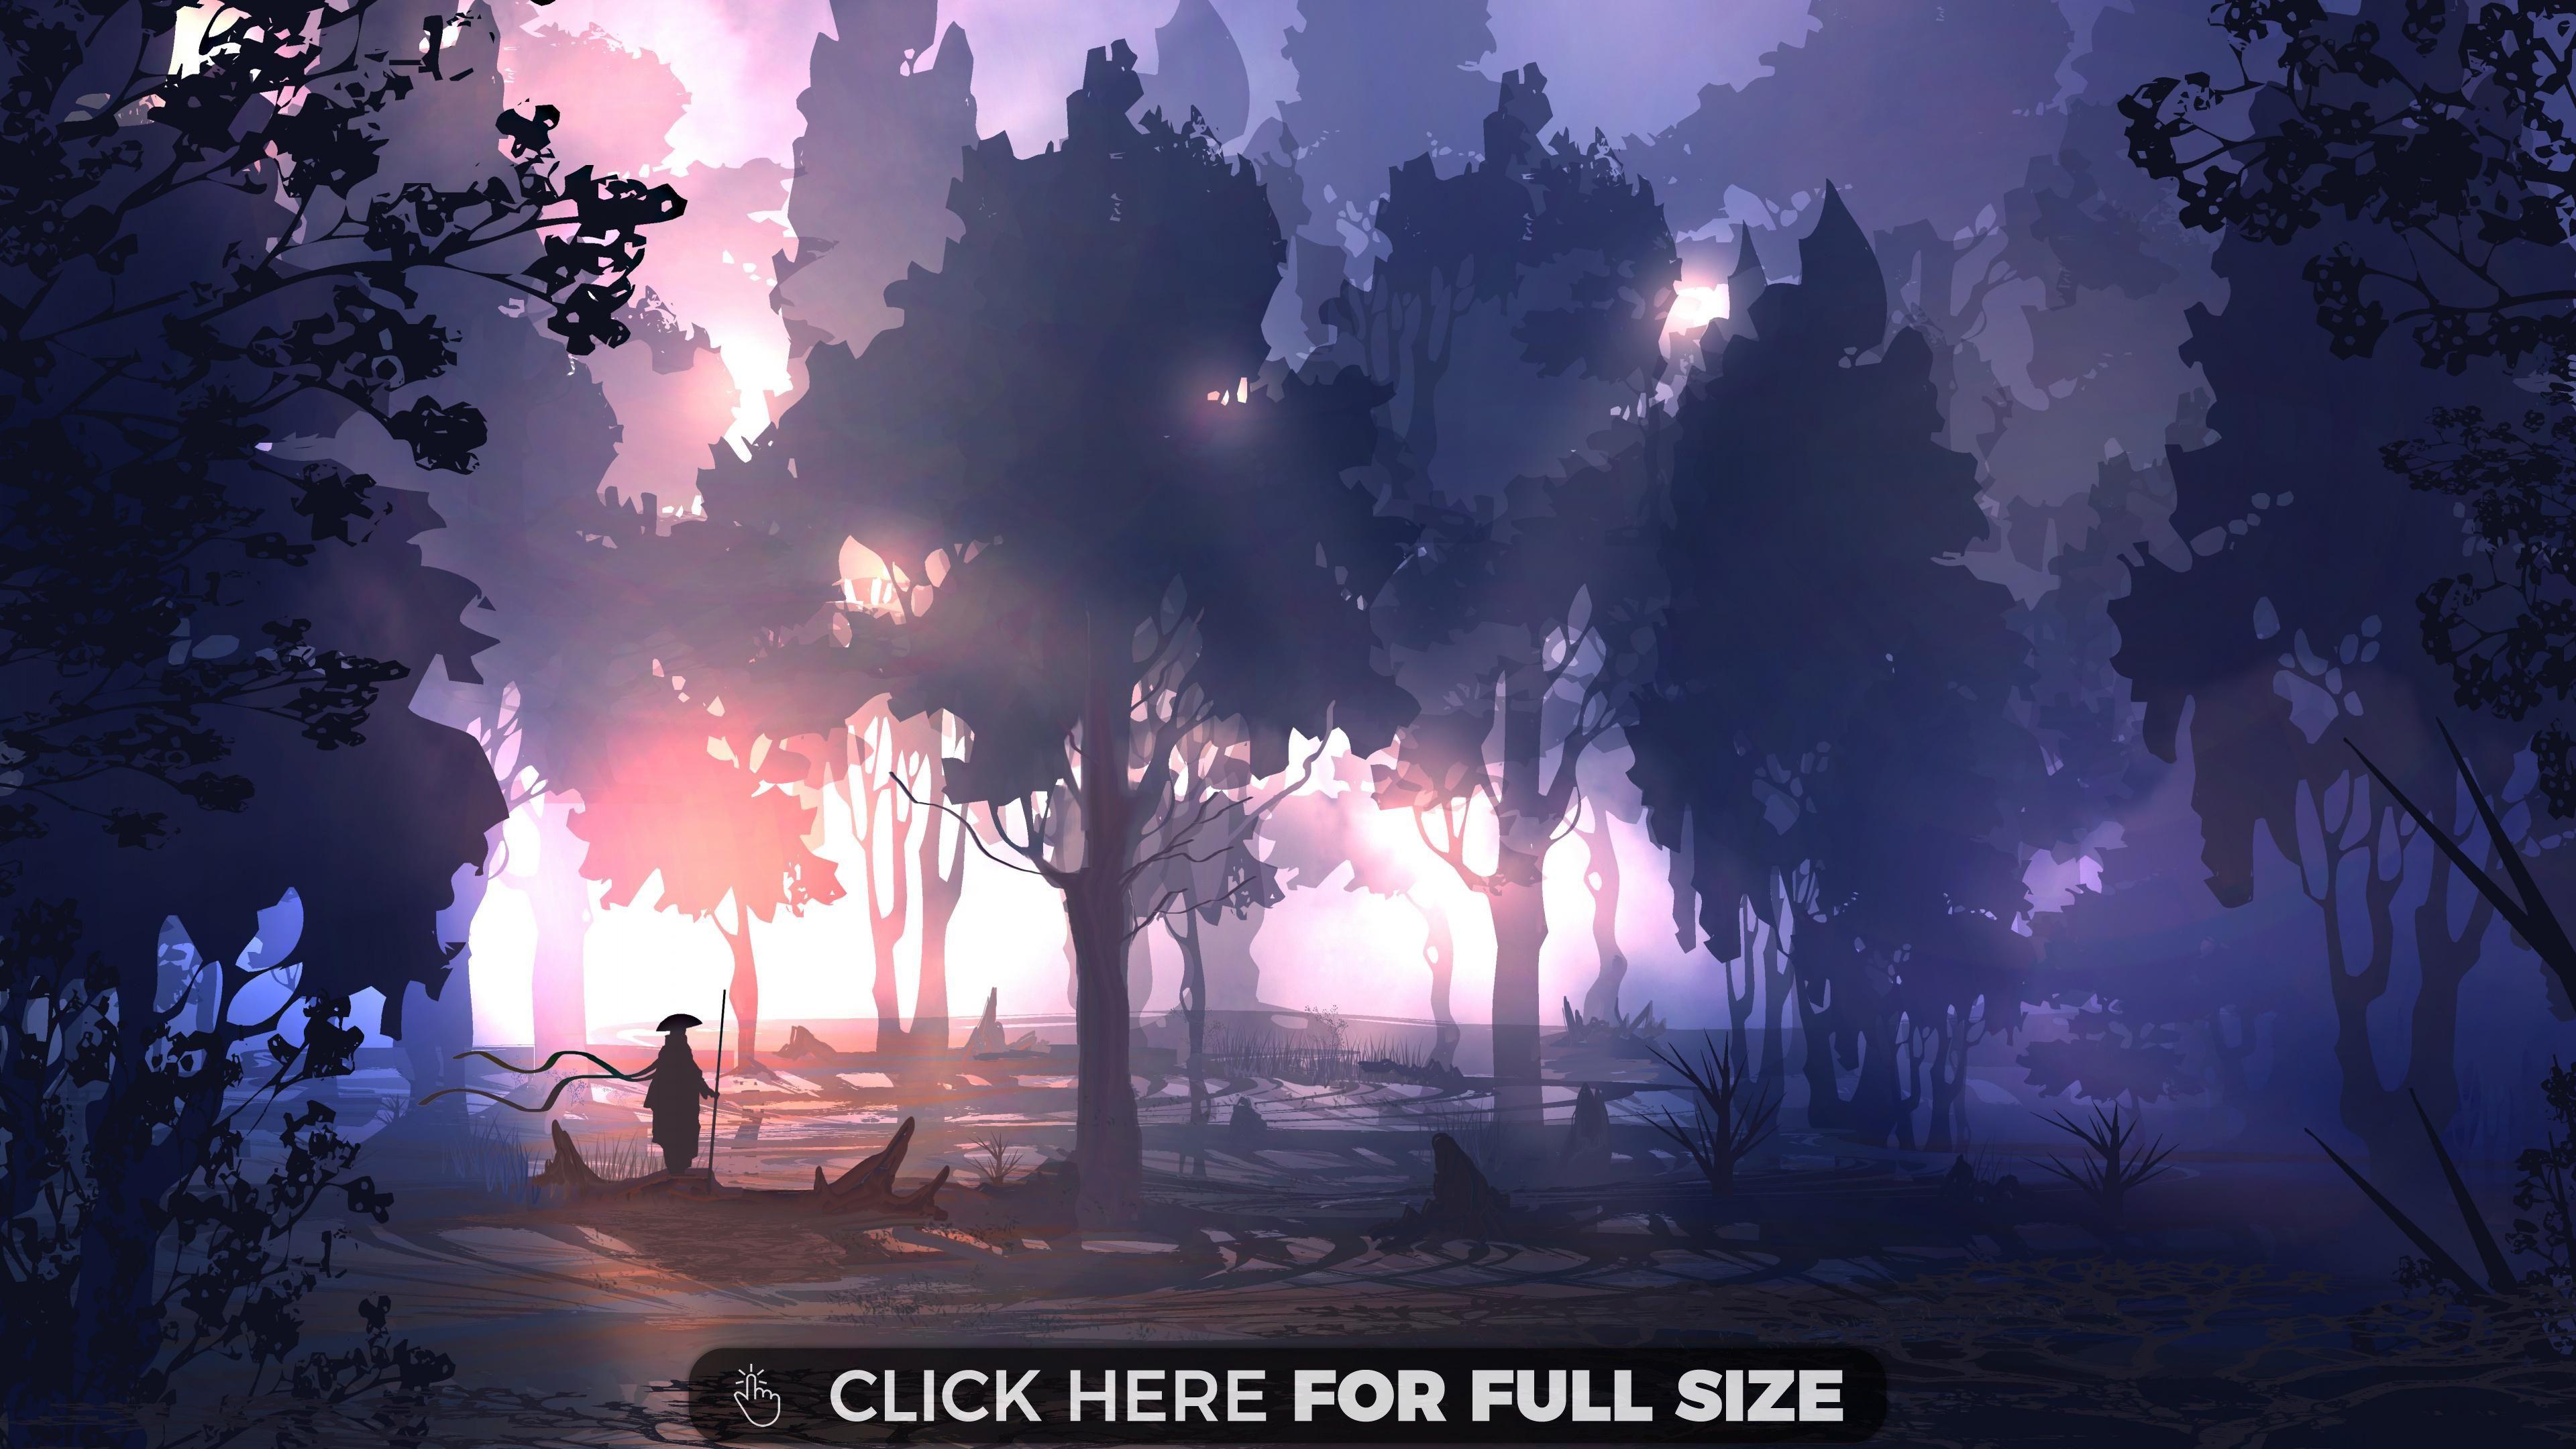 Fantasy Art 4k Wallpaper Desktop Wallpaper Art Landscape Wallpaper Desktop Wallpapers Backgrounds